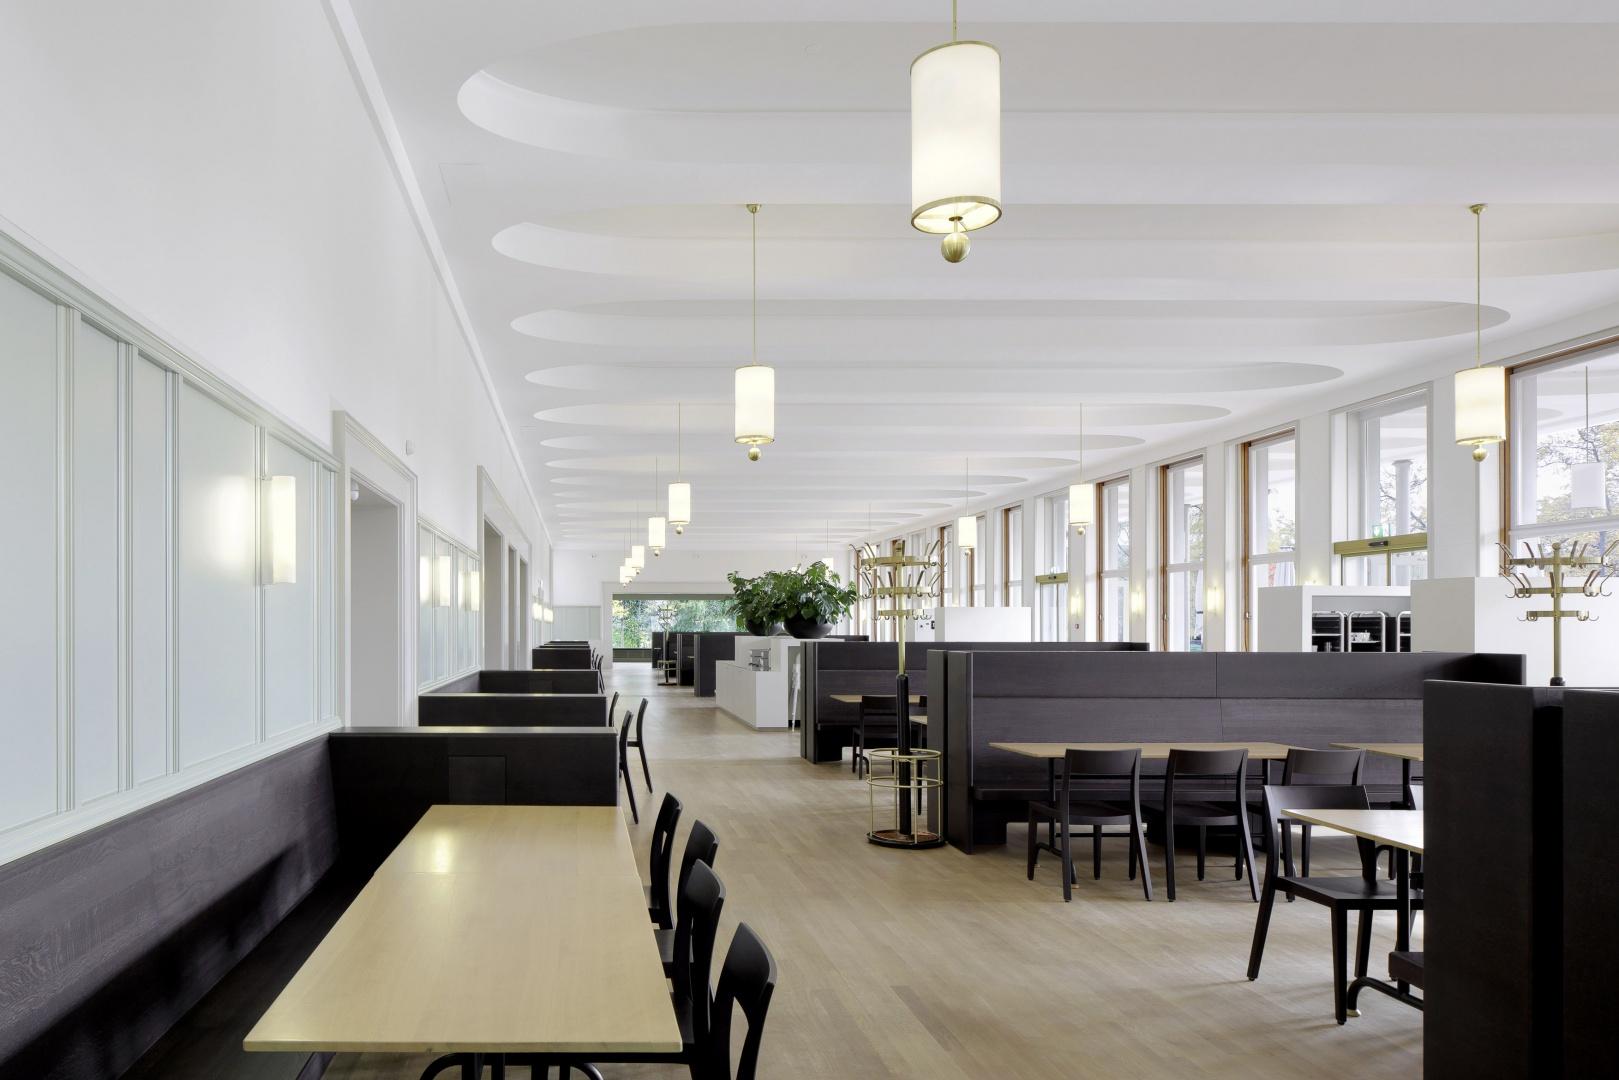 neuer Zolli-Saal © Tom Bisig, Basel